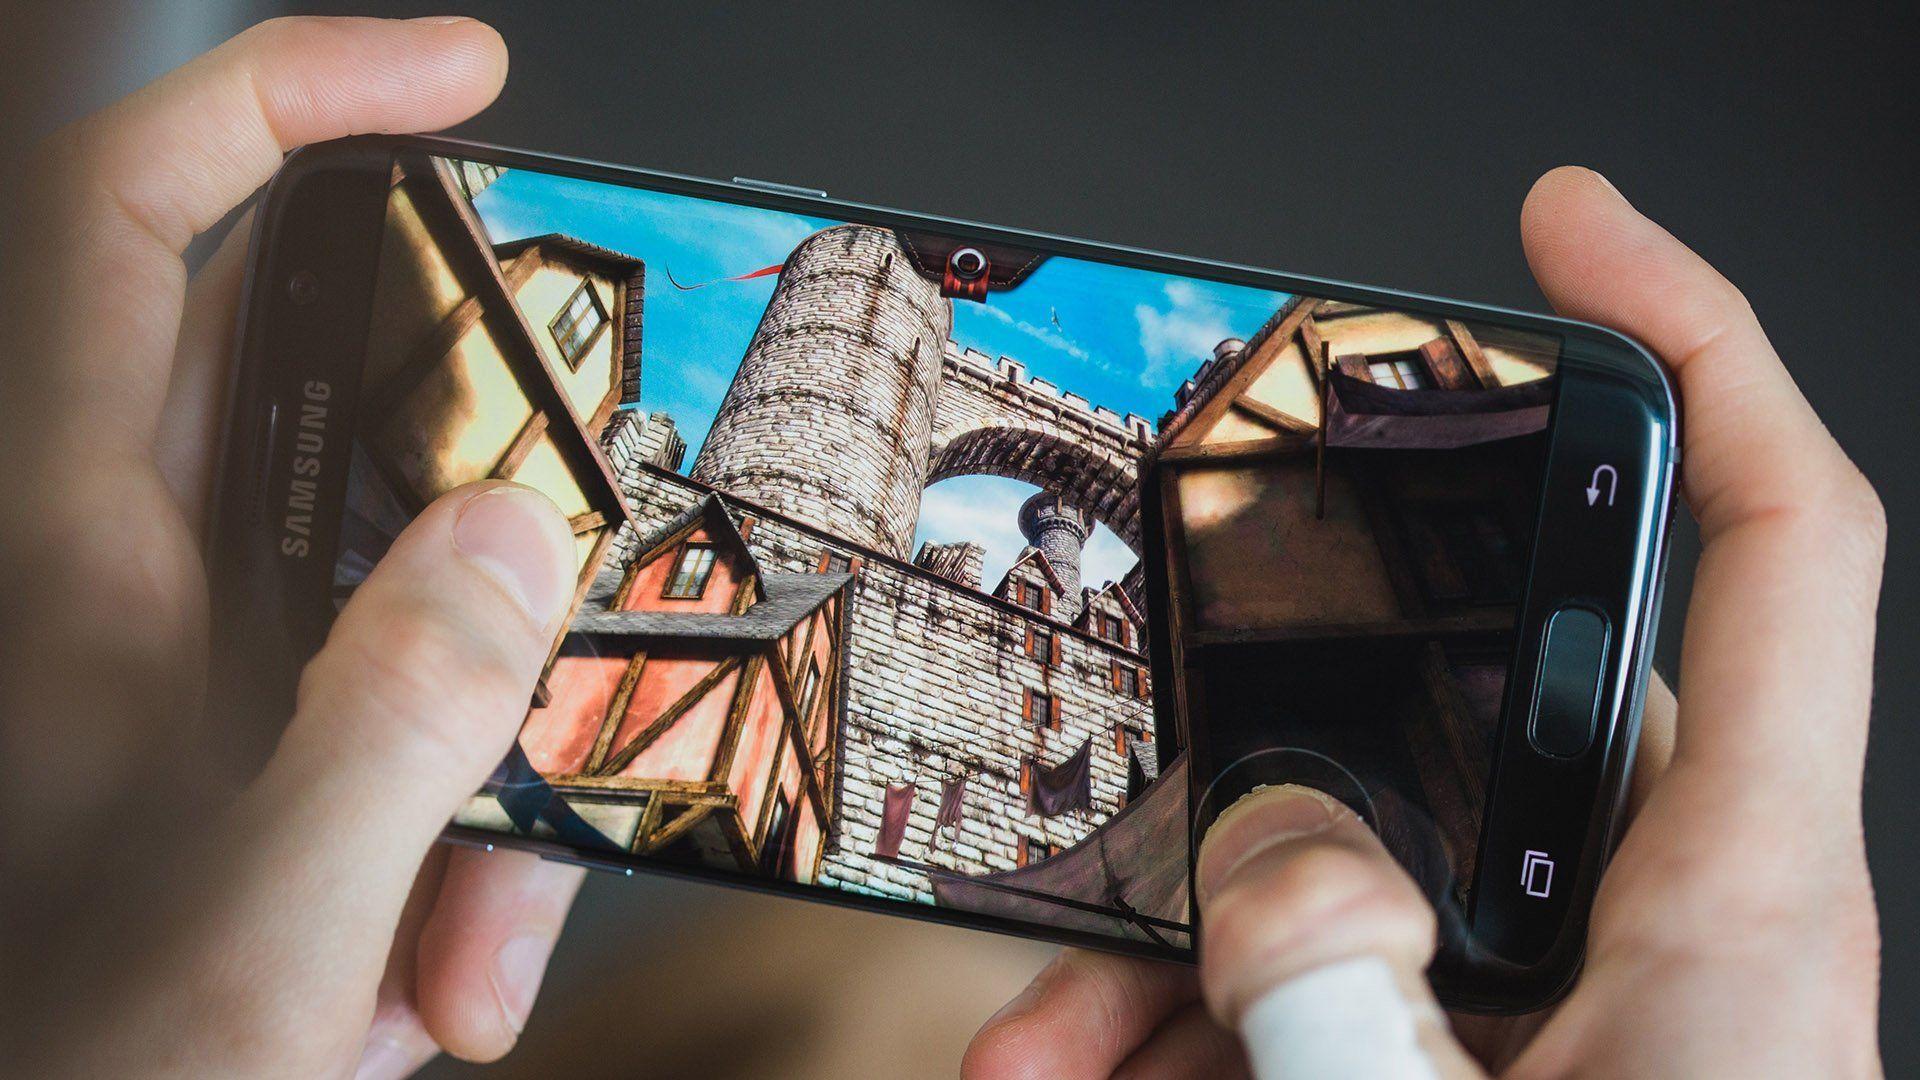 картинки и игры на мобильные телефоны образом